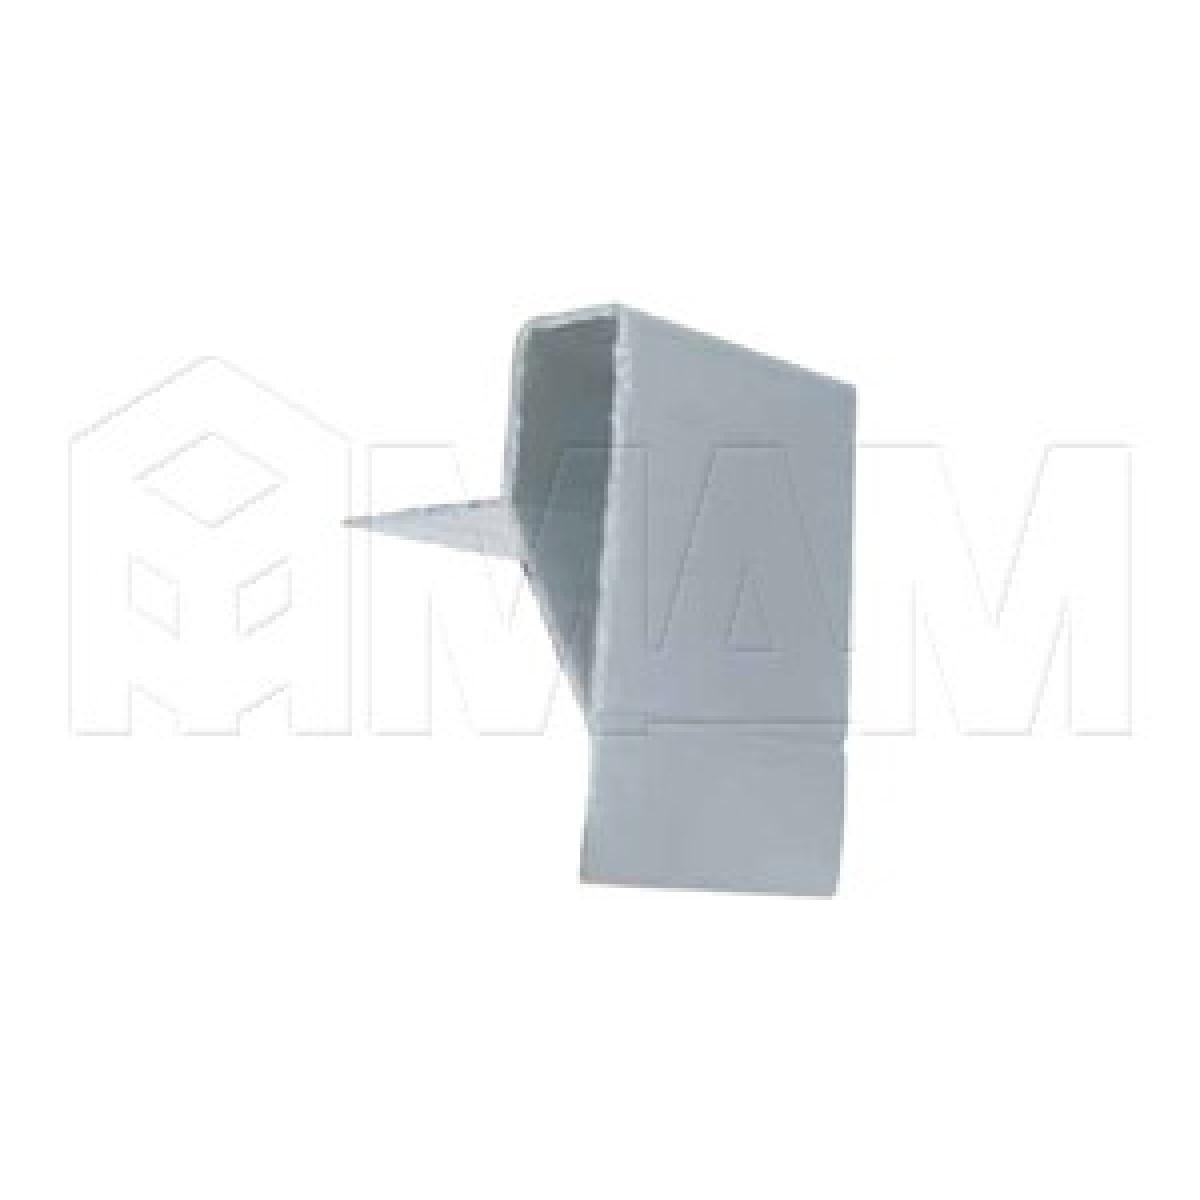 Декоративный карнизный профиль для коллектора, серебро, L-2600